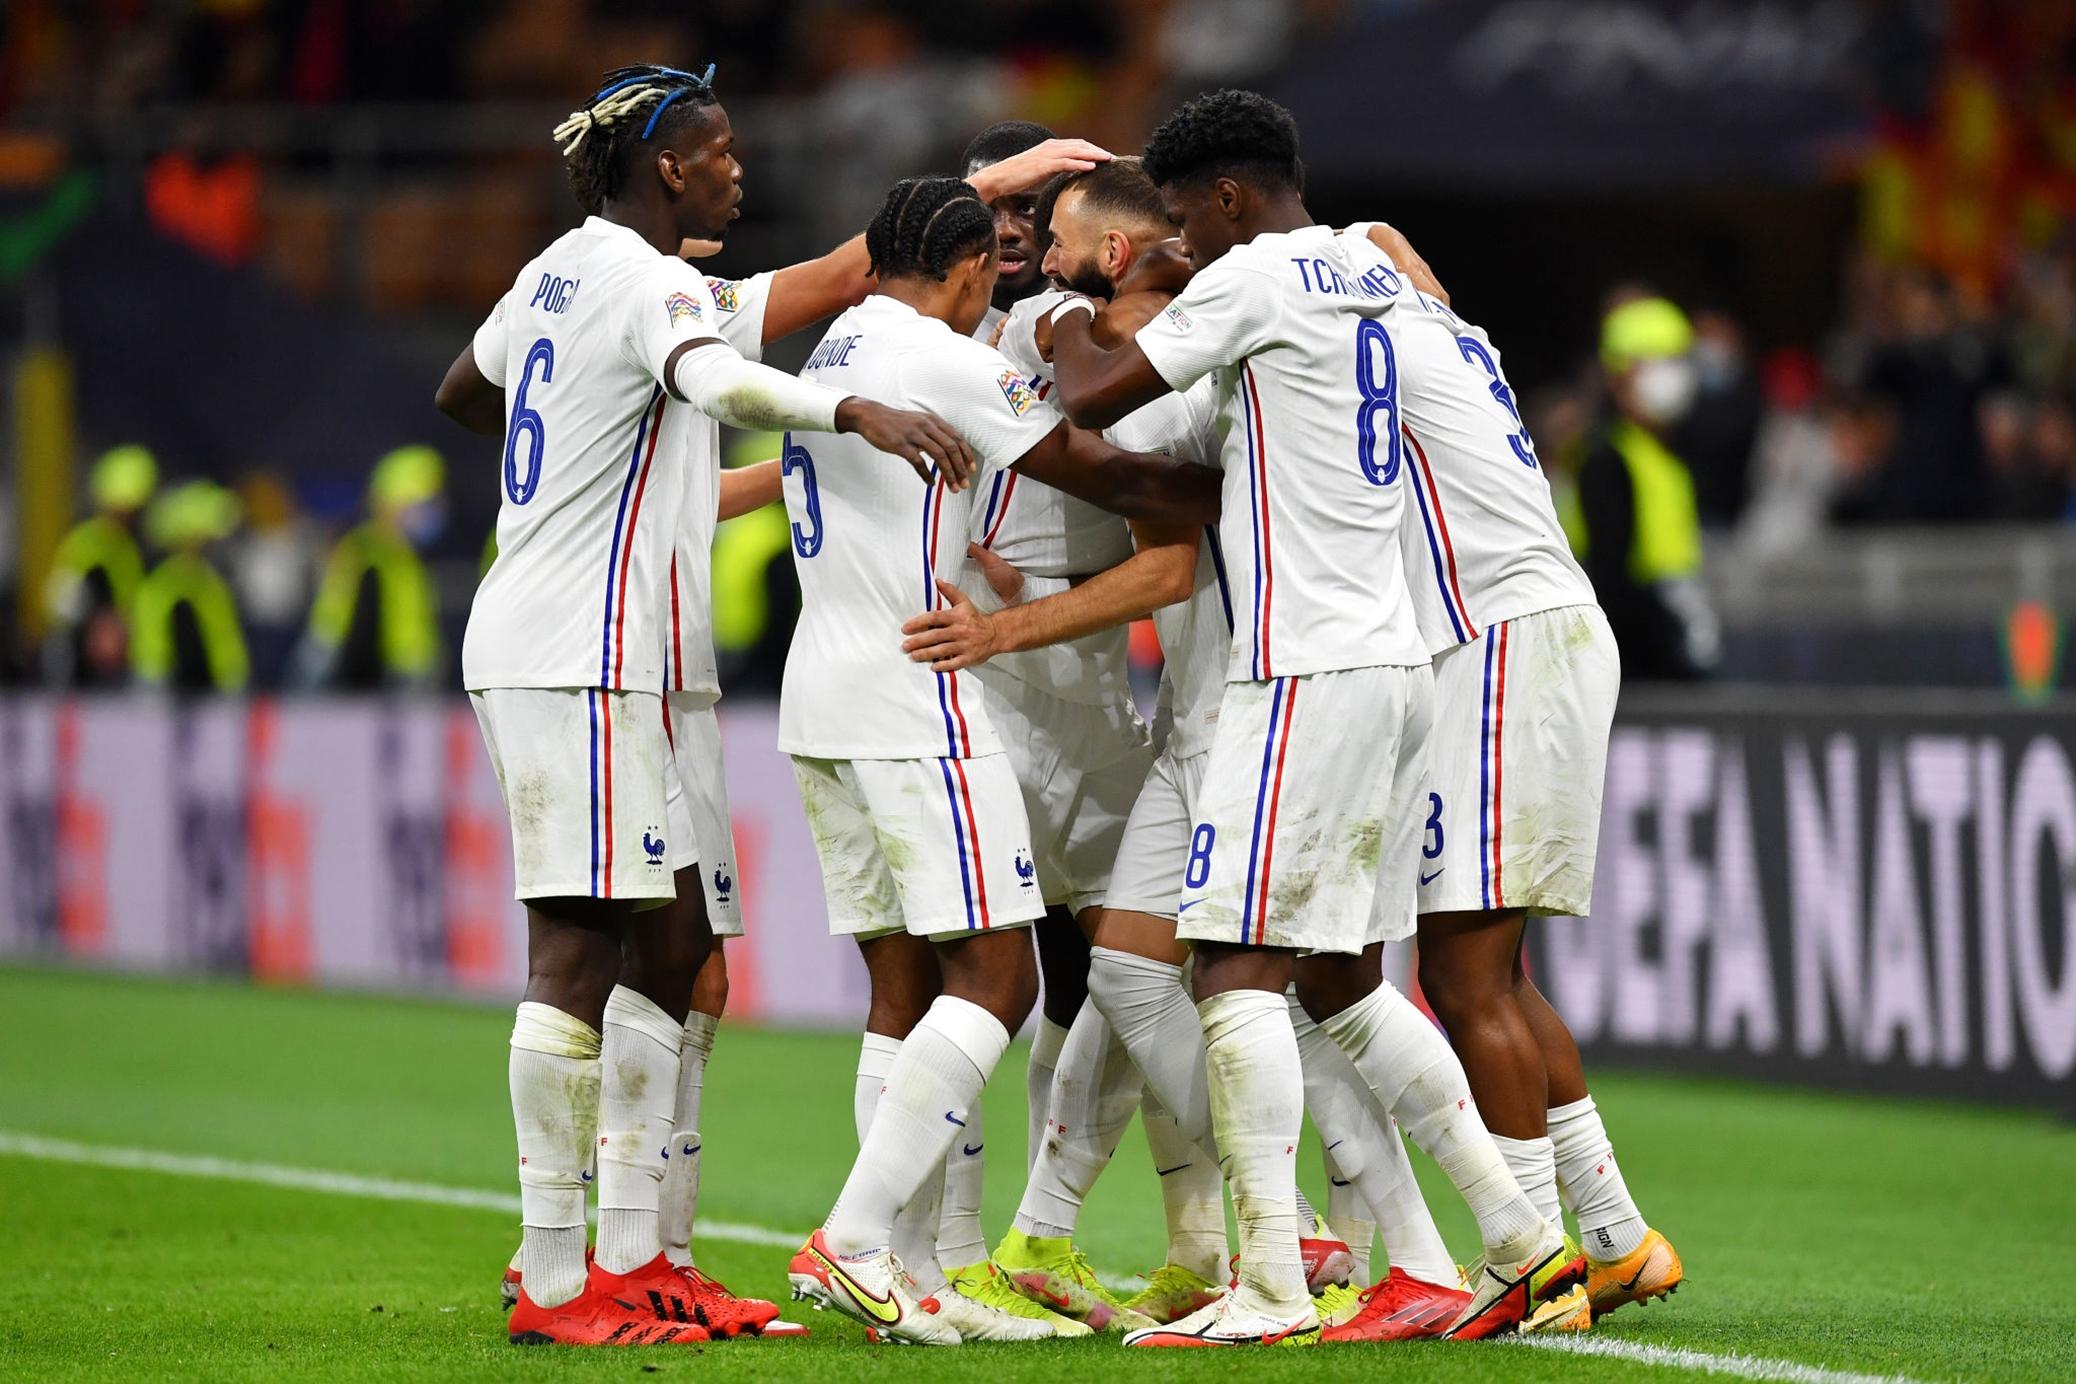 احتفال لاعبى فرنسا بالتعادل